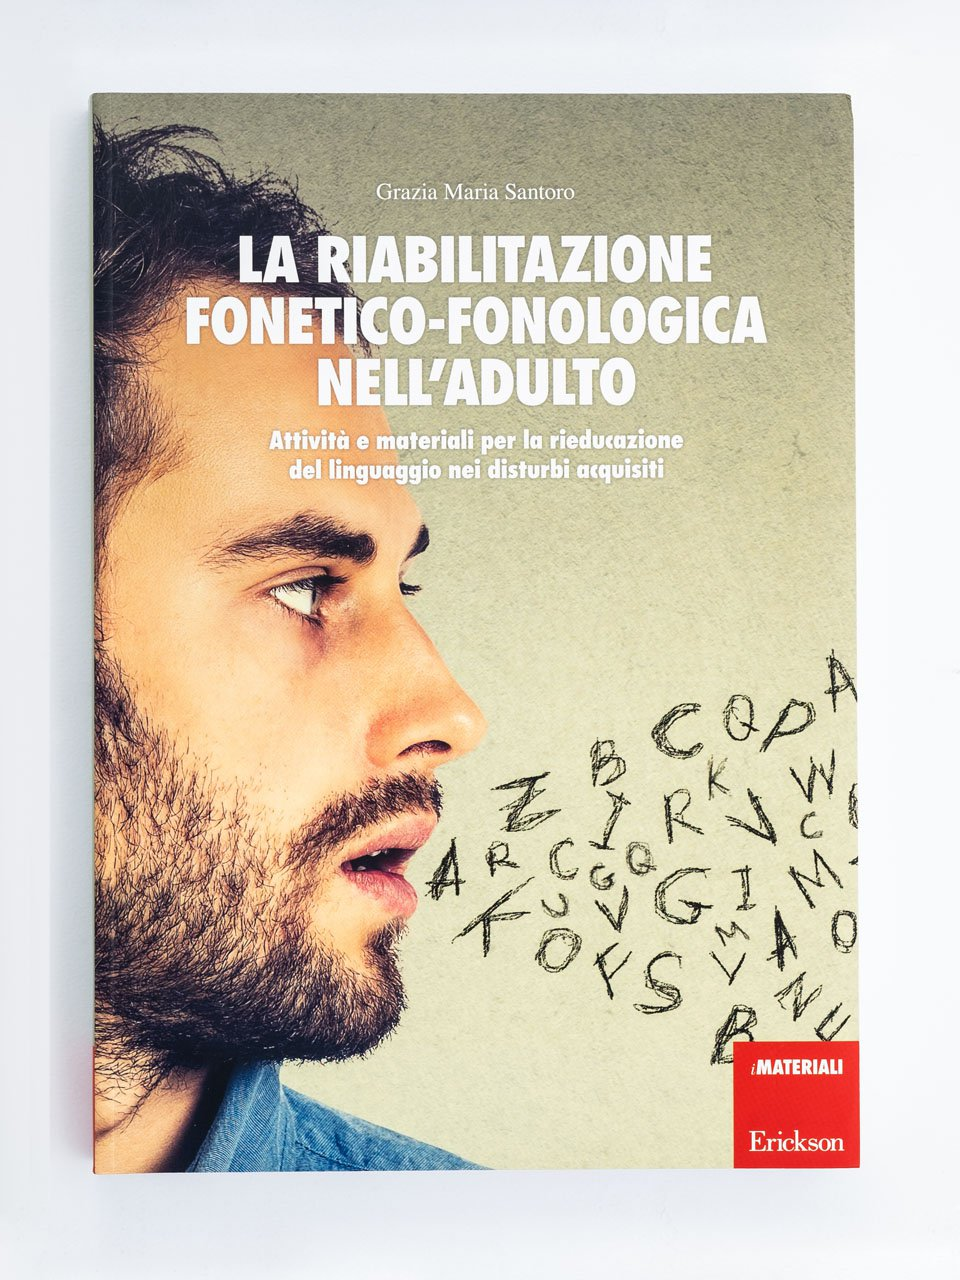 La riabilitazione fonetico-fonologica nell'adulto - Logopedia e comunicazione - corso online 25 ECM - Formazione - Erickson